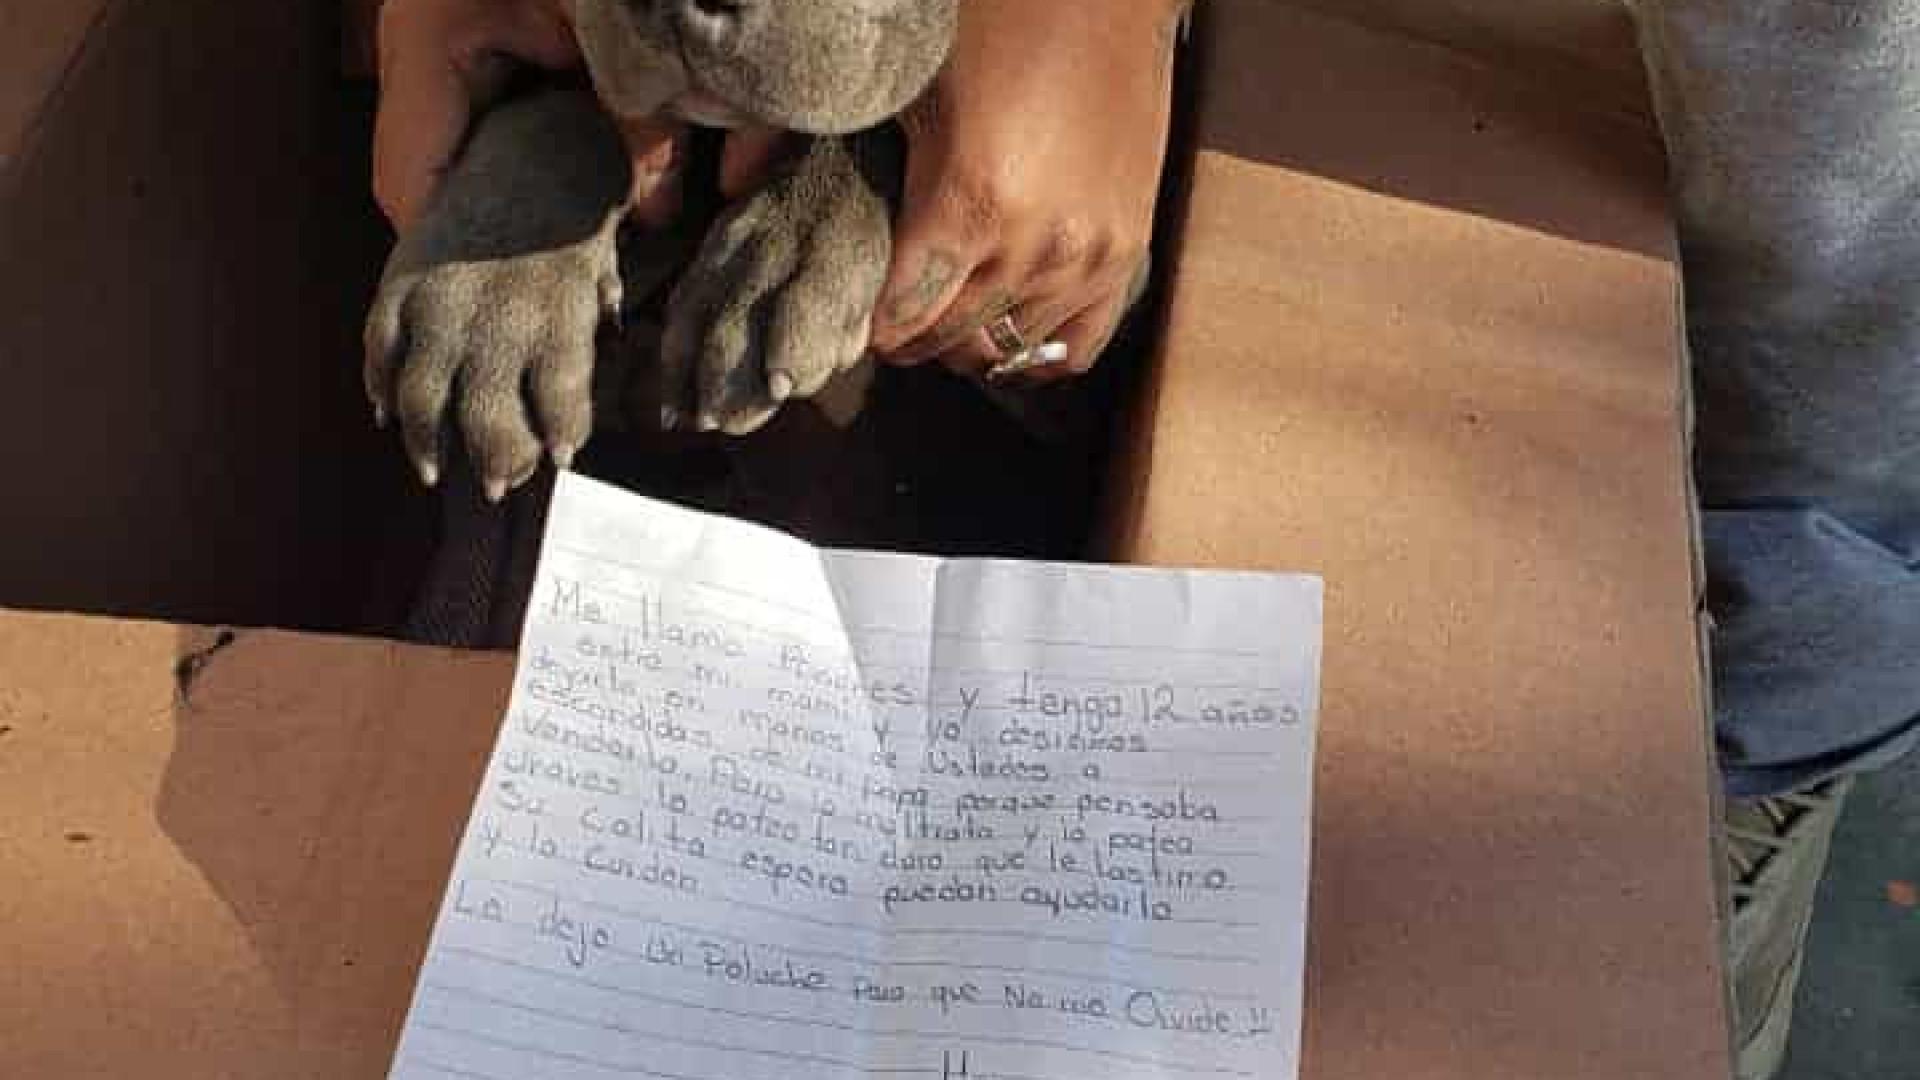 Menino deixa cão em associação porque o pai maltratava o animal